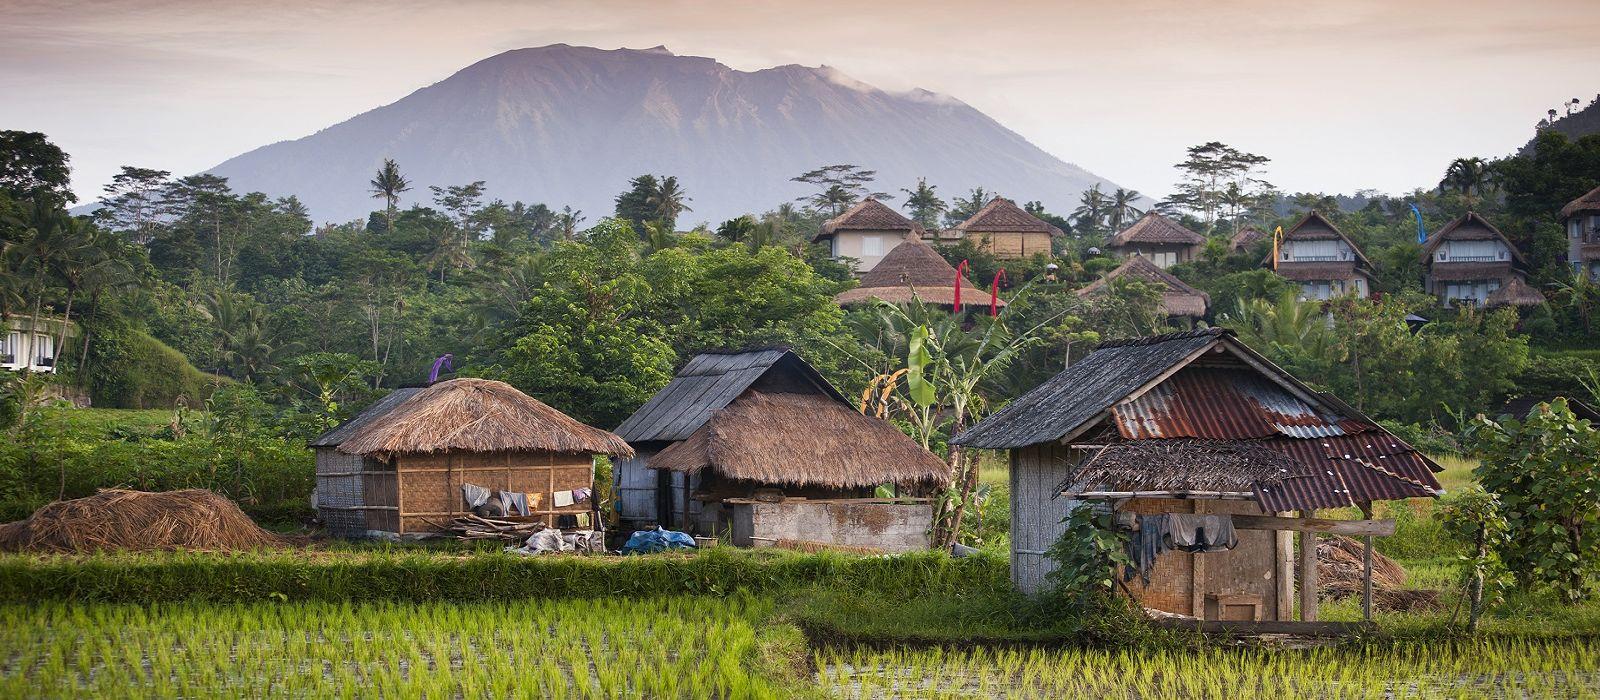 Destination Sidemen Indonesia